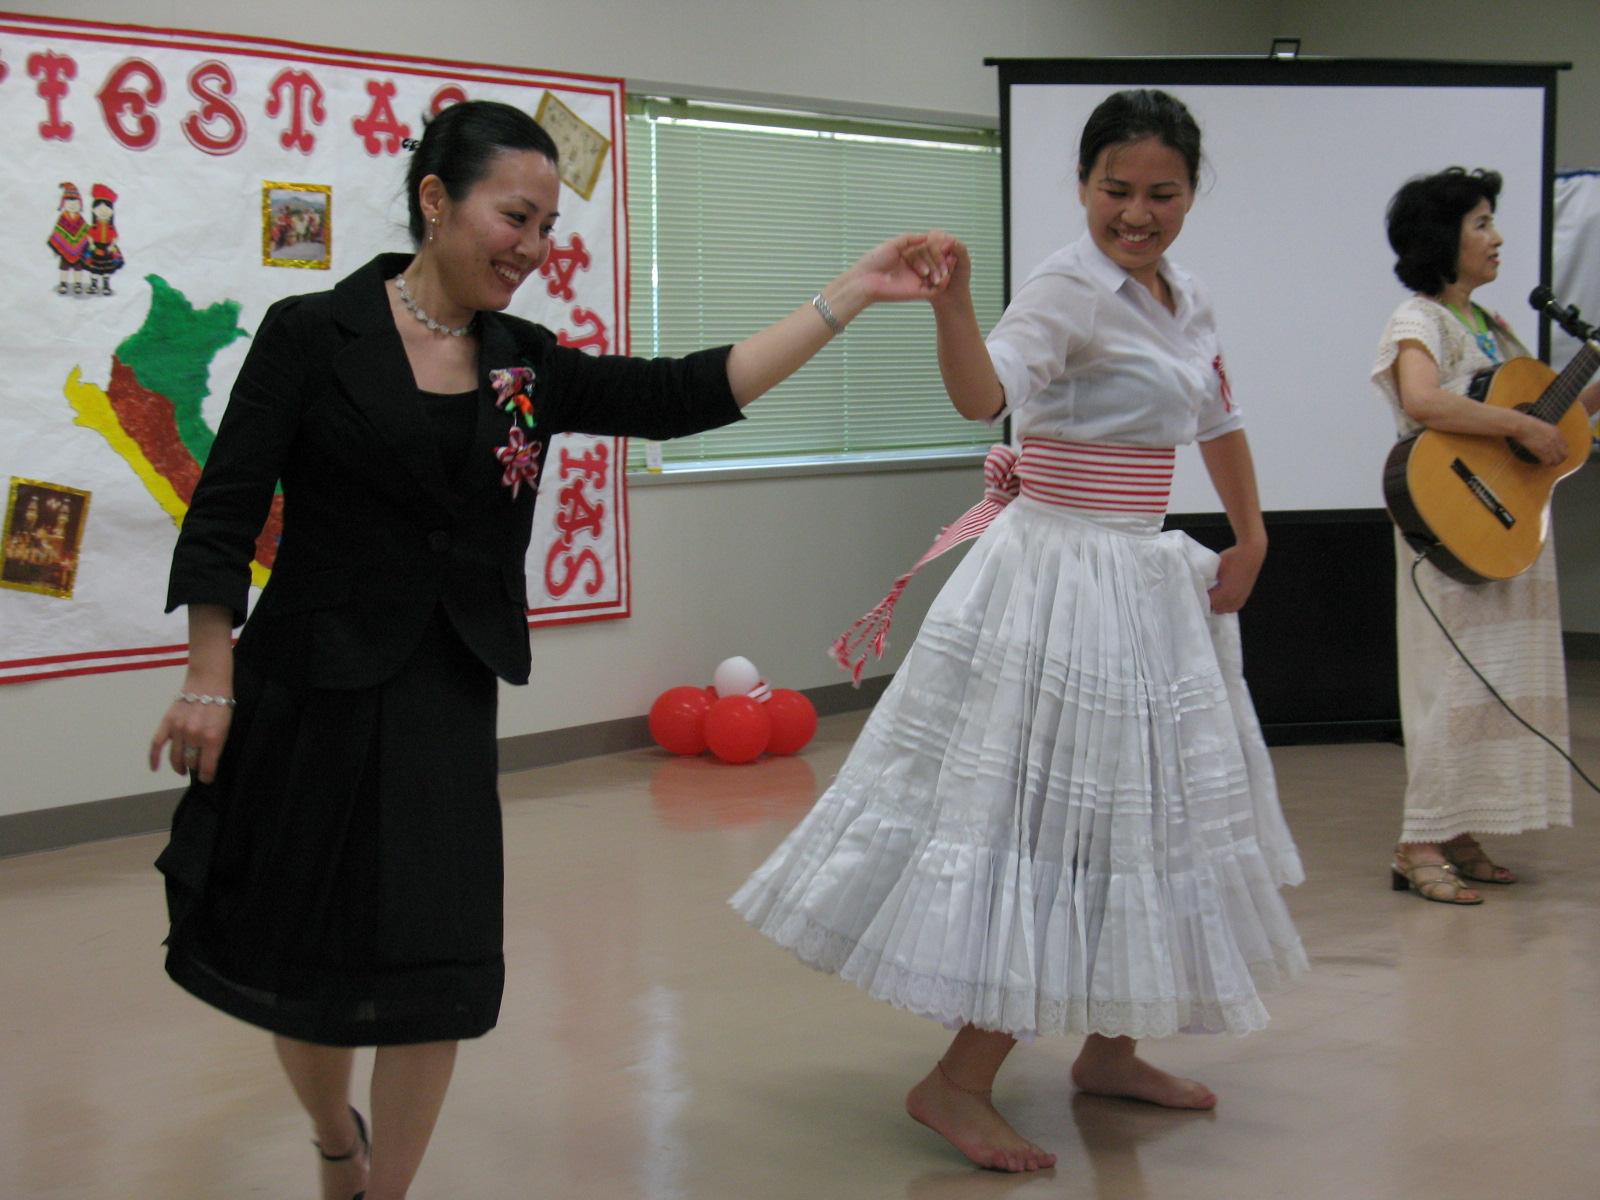 http://www.mundodealegria.org/images/IMG_7958.jpg